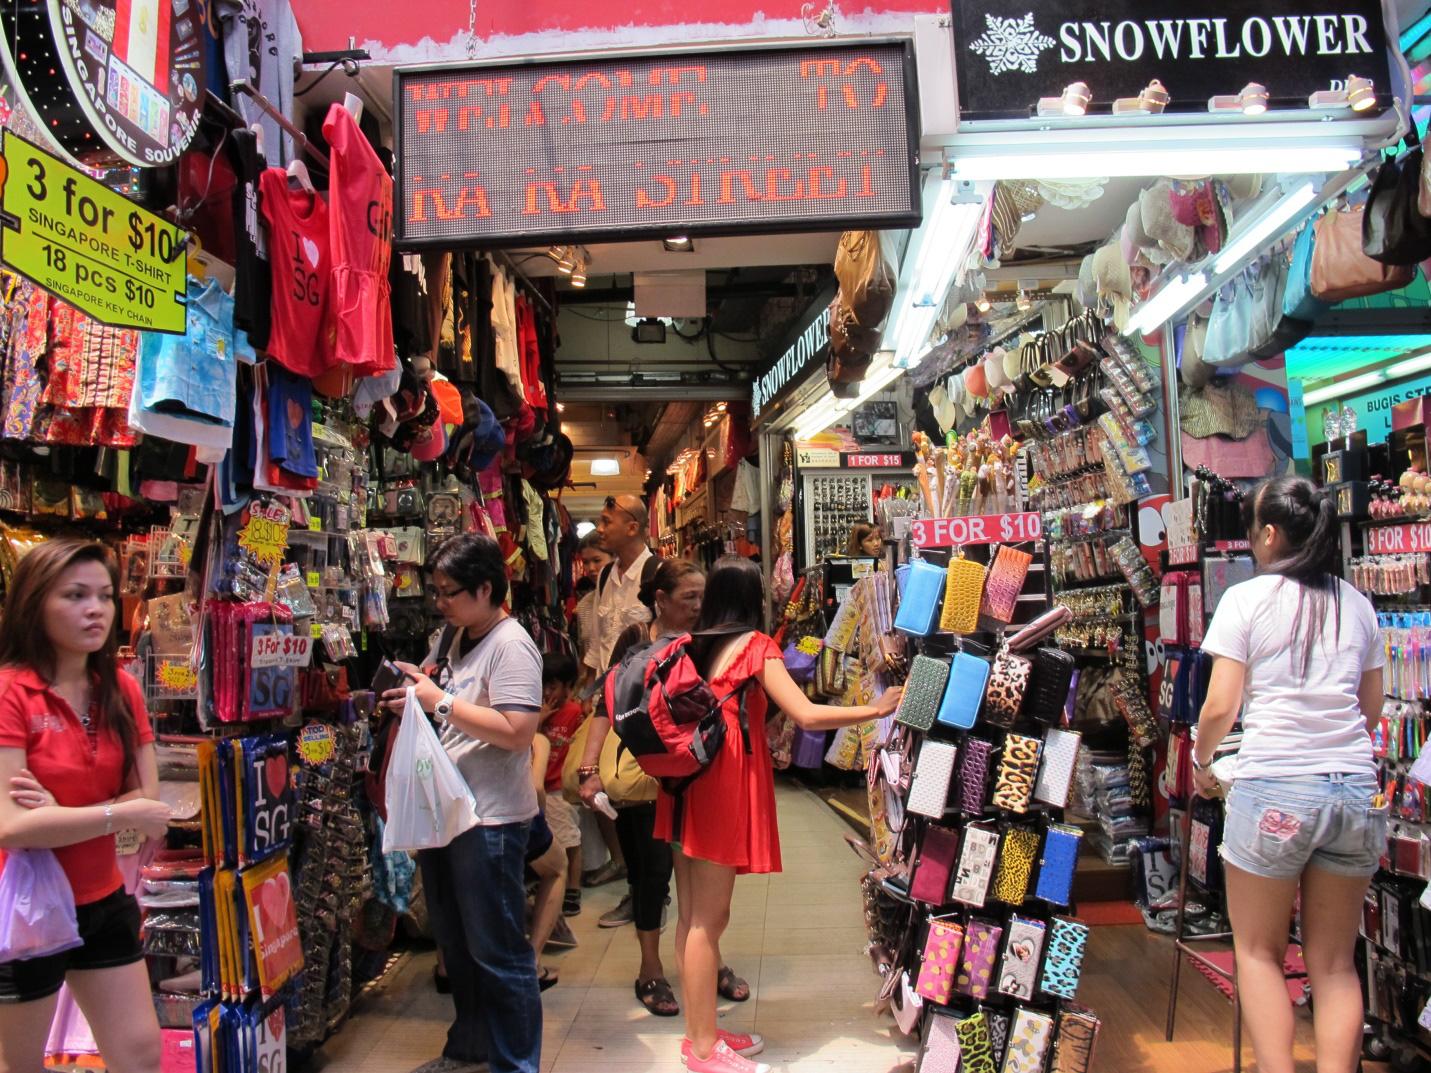 6 địa chỉ mua sắm giá rẻ tại Singapore được người Việt ưa chuộng nhất - Ảnh 7.